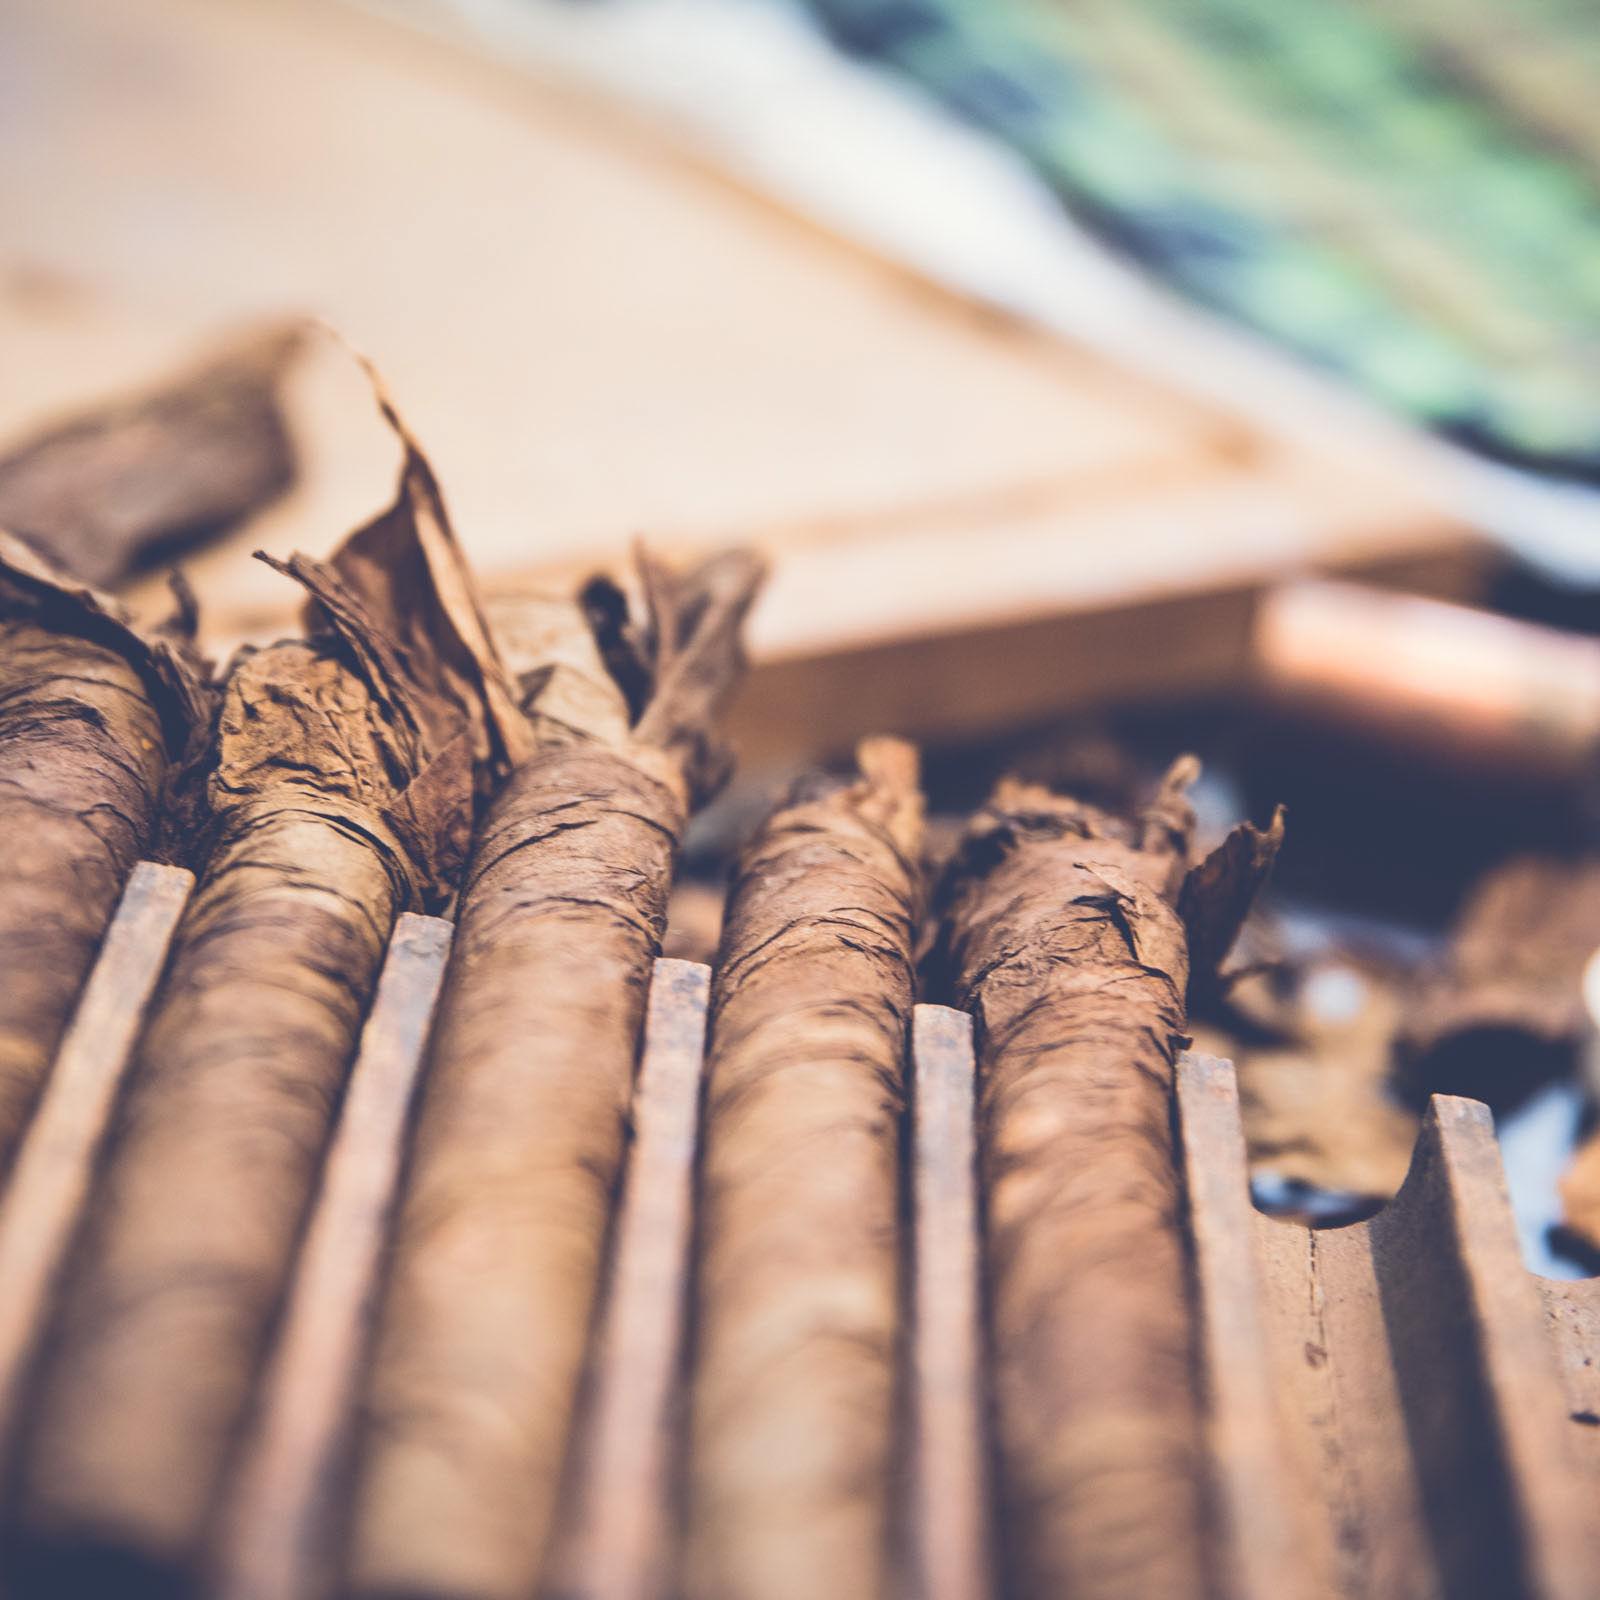 Zigarrendreher | Zigarren | Drehen | Zigarrenroller | Zigarrenrollerin | Zigarrendreherin | Mieten | Anfragen | Trocadero | Handgemacht | Zigarren | Shop | Geschenk | kaufen | Robusto | Corona | Torpedo | Banderole | Tabak